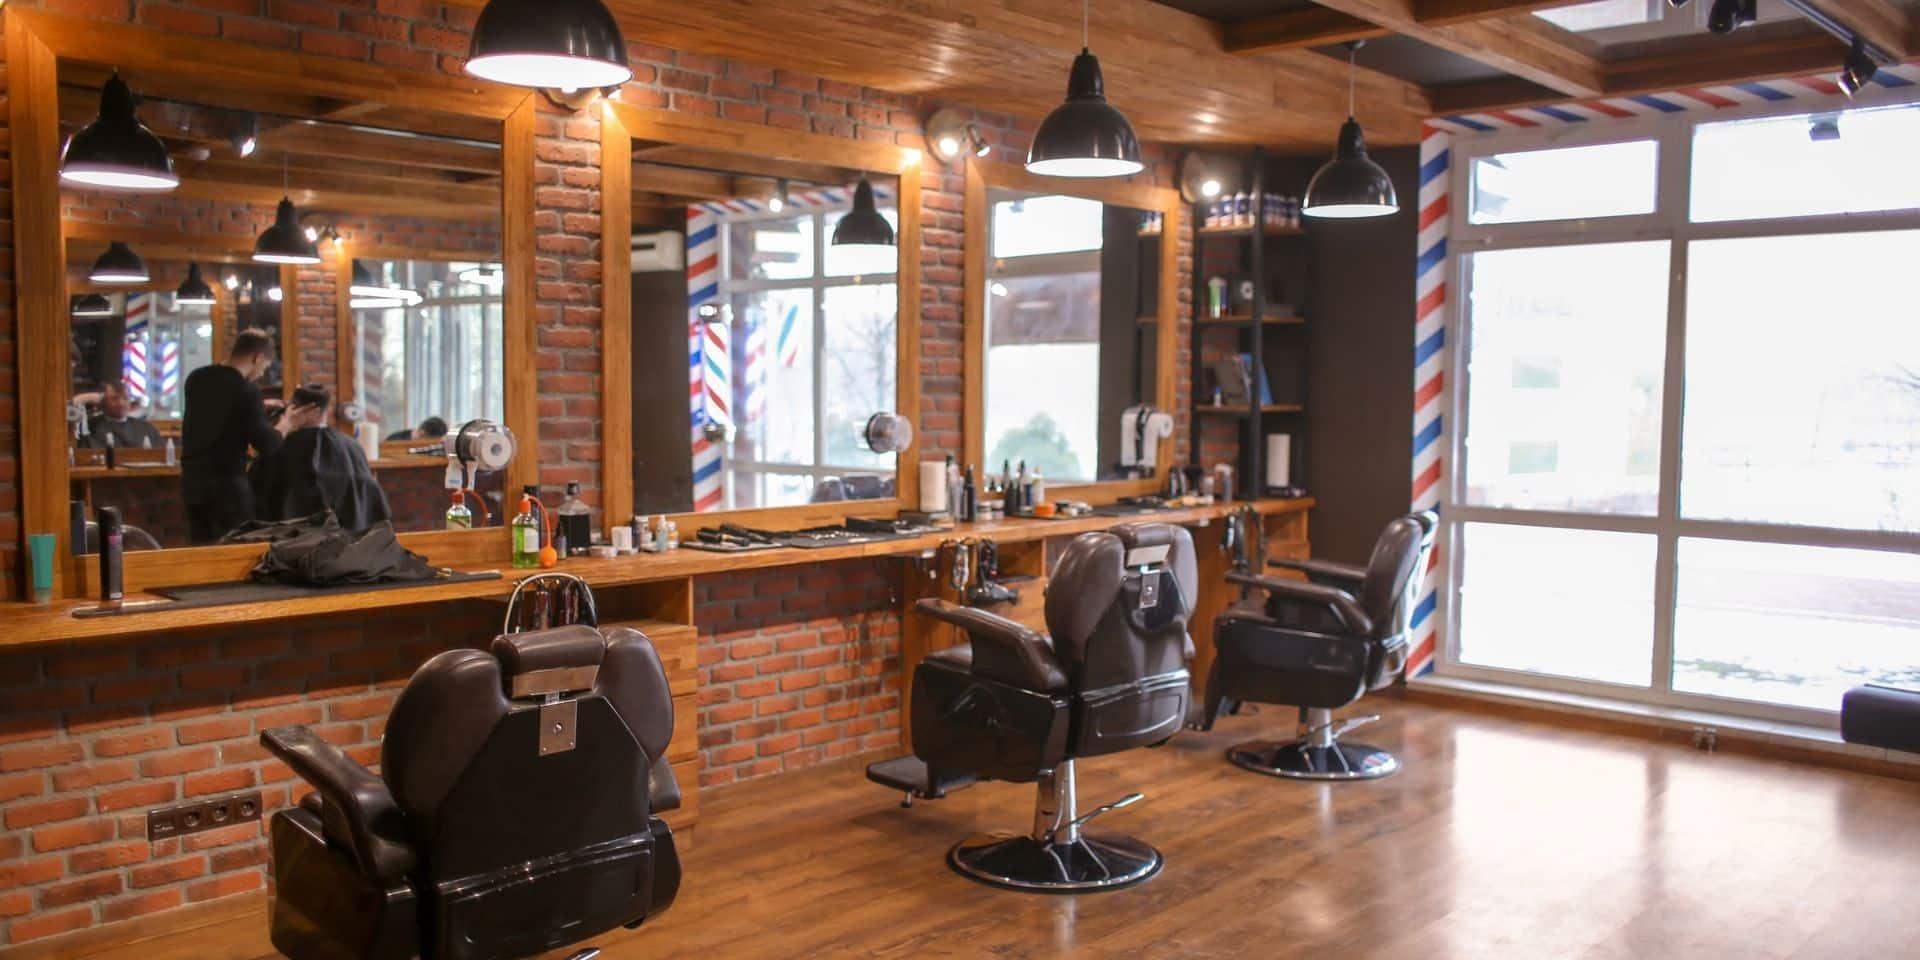 Les commerçants satisfaits, les coiffeurs déçus: réactions mitigées suite aux annonces du Comité de concertation